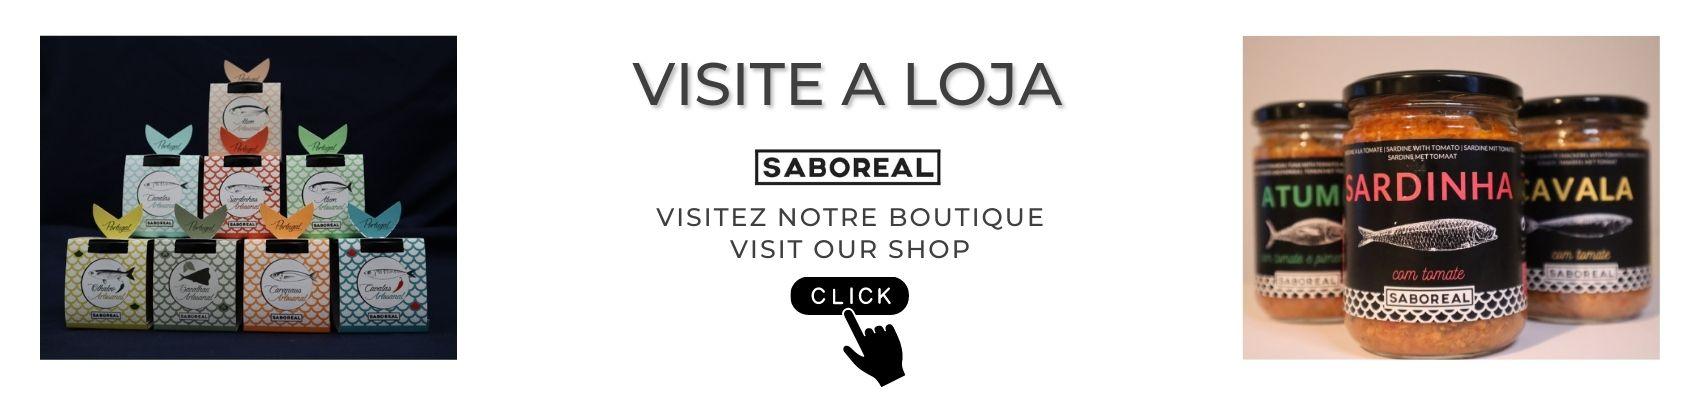 Batata Recheada com Atum à Algarvia - Visite a loja Saboreal para comprar as melhores conservas produzidas em Portugal.